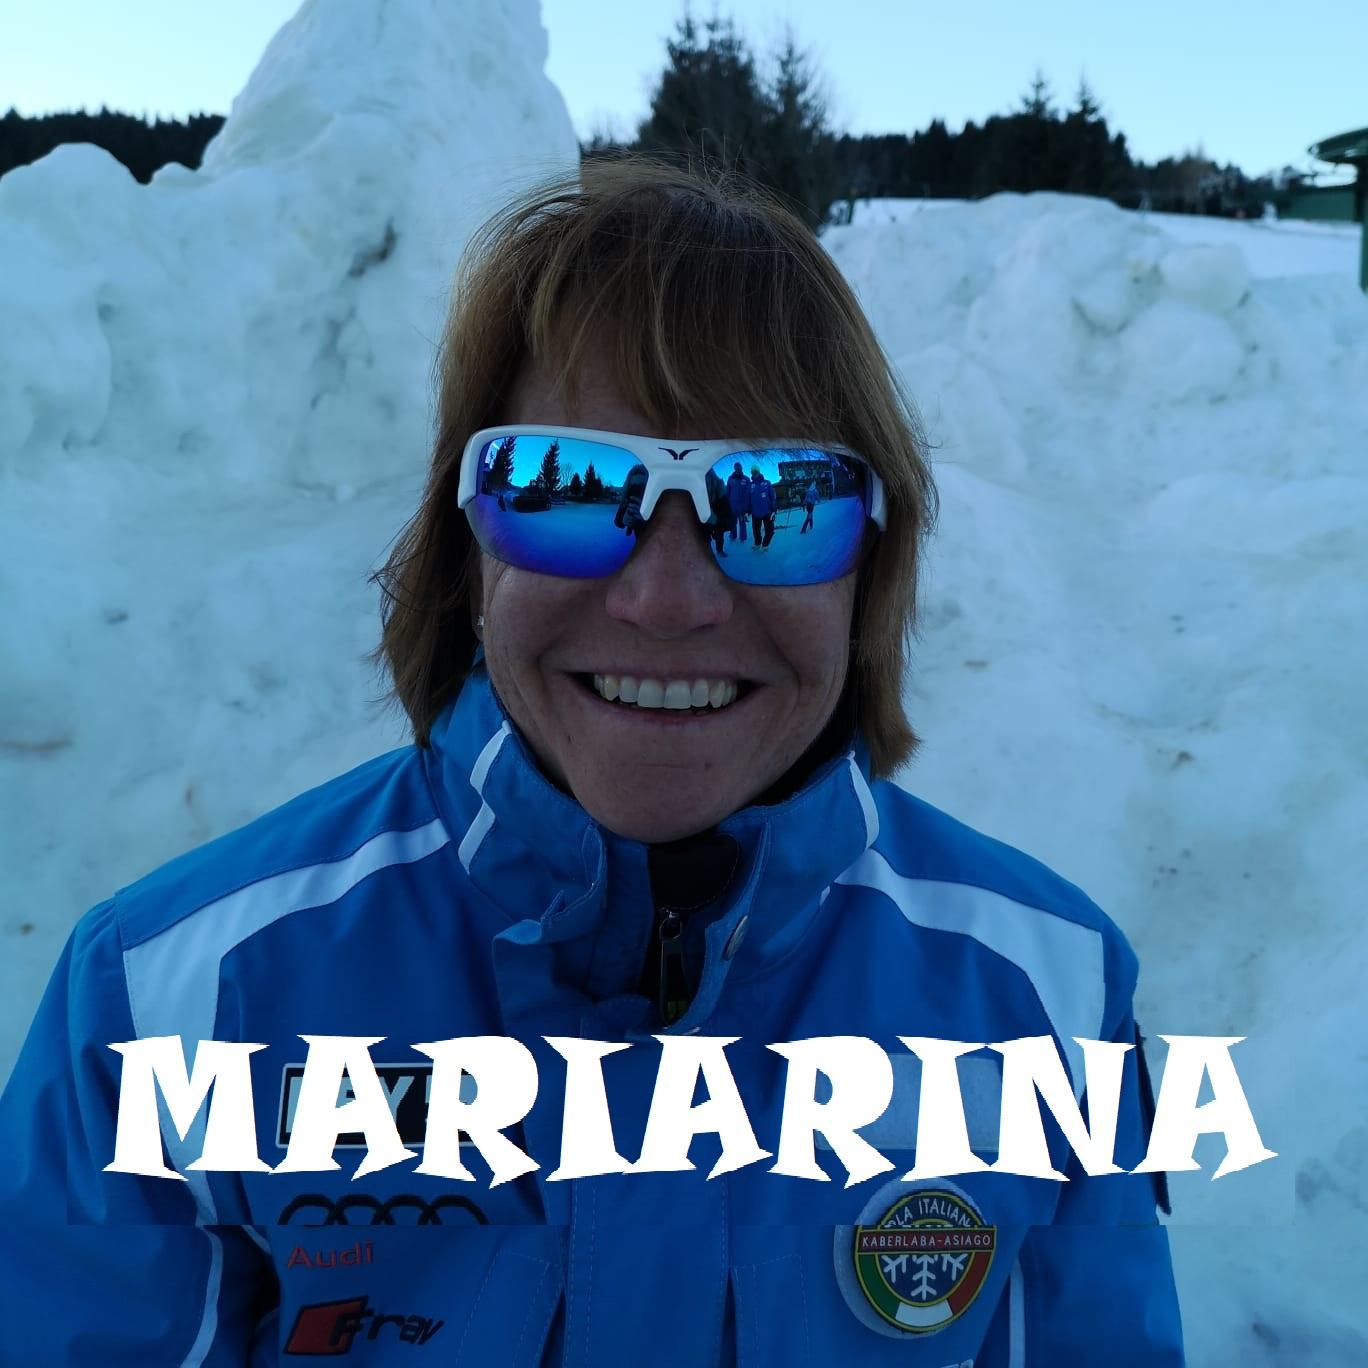 MAESTRA MARIARINA